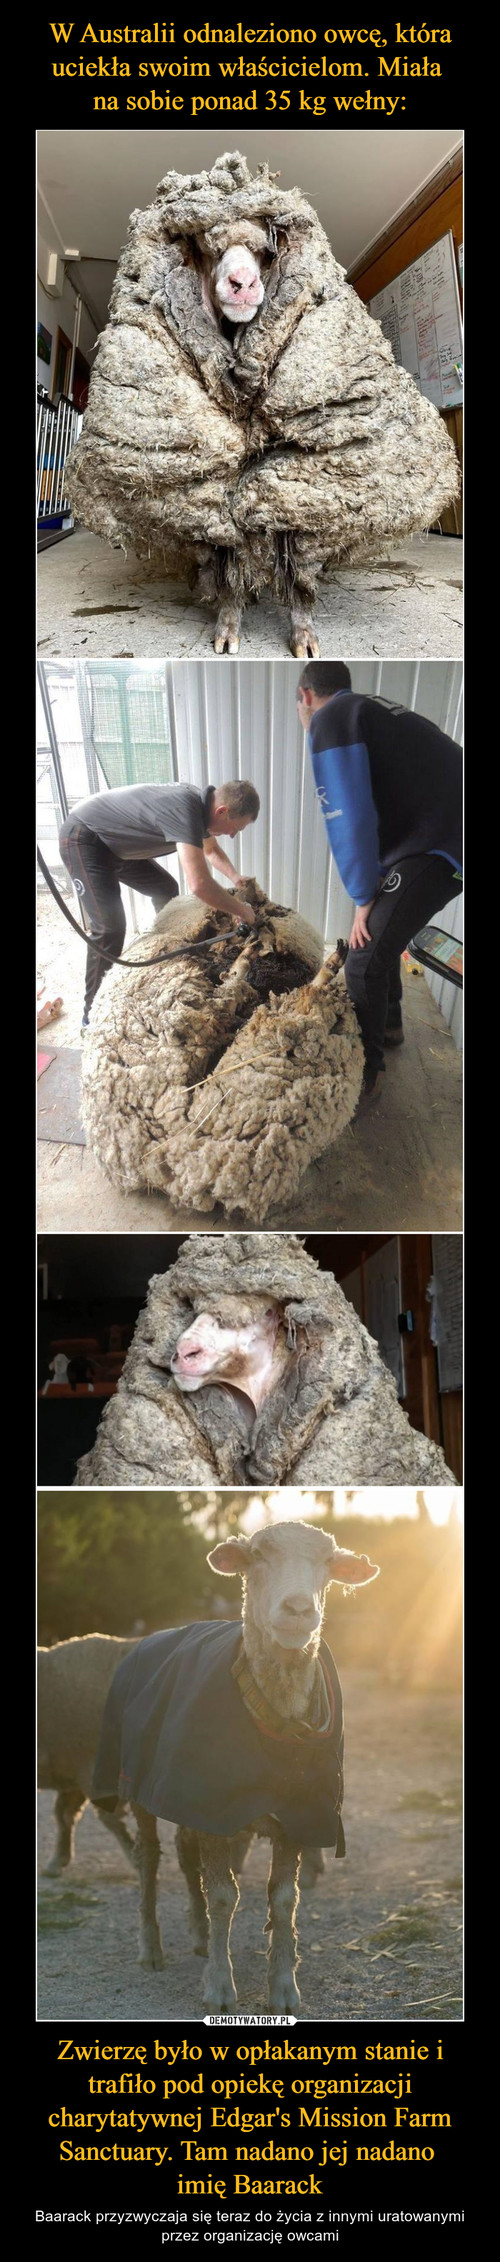 W Australii odnaleziono owcę, która uciekła swoim właścicielom. Miała  na sobie ponad 35 kg wełny: Zwierzę było w opłakanym stanie i trafiło pod opiekę organizacji charytatywnej Edgar's Mission Farm Sanctuary. Tam nadano jej nadano  imię Baarack